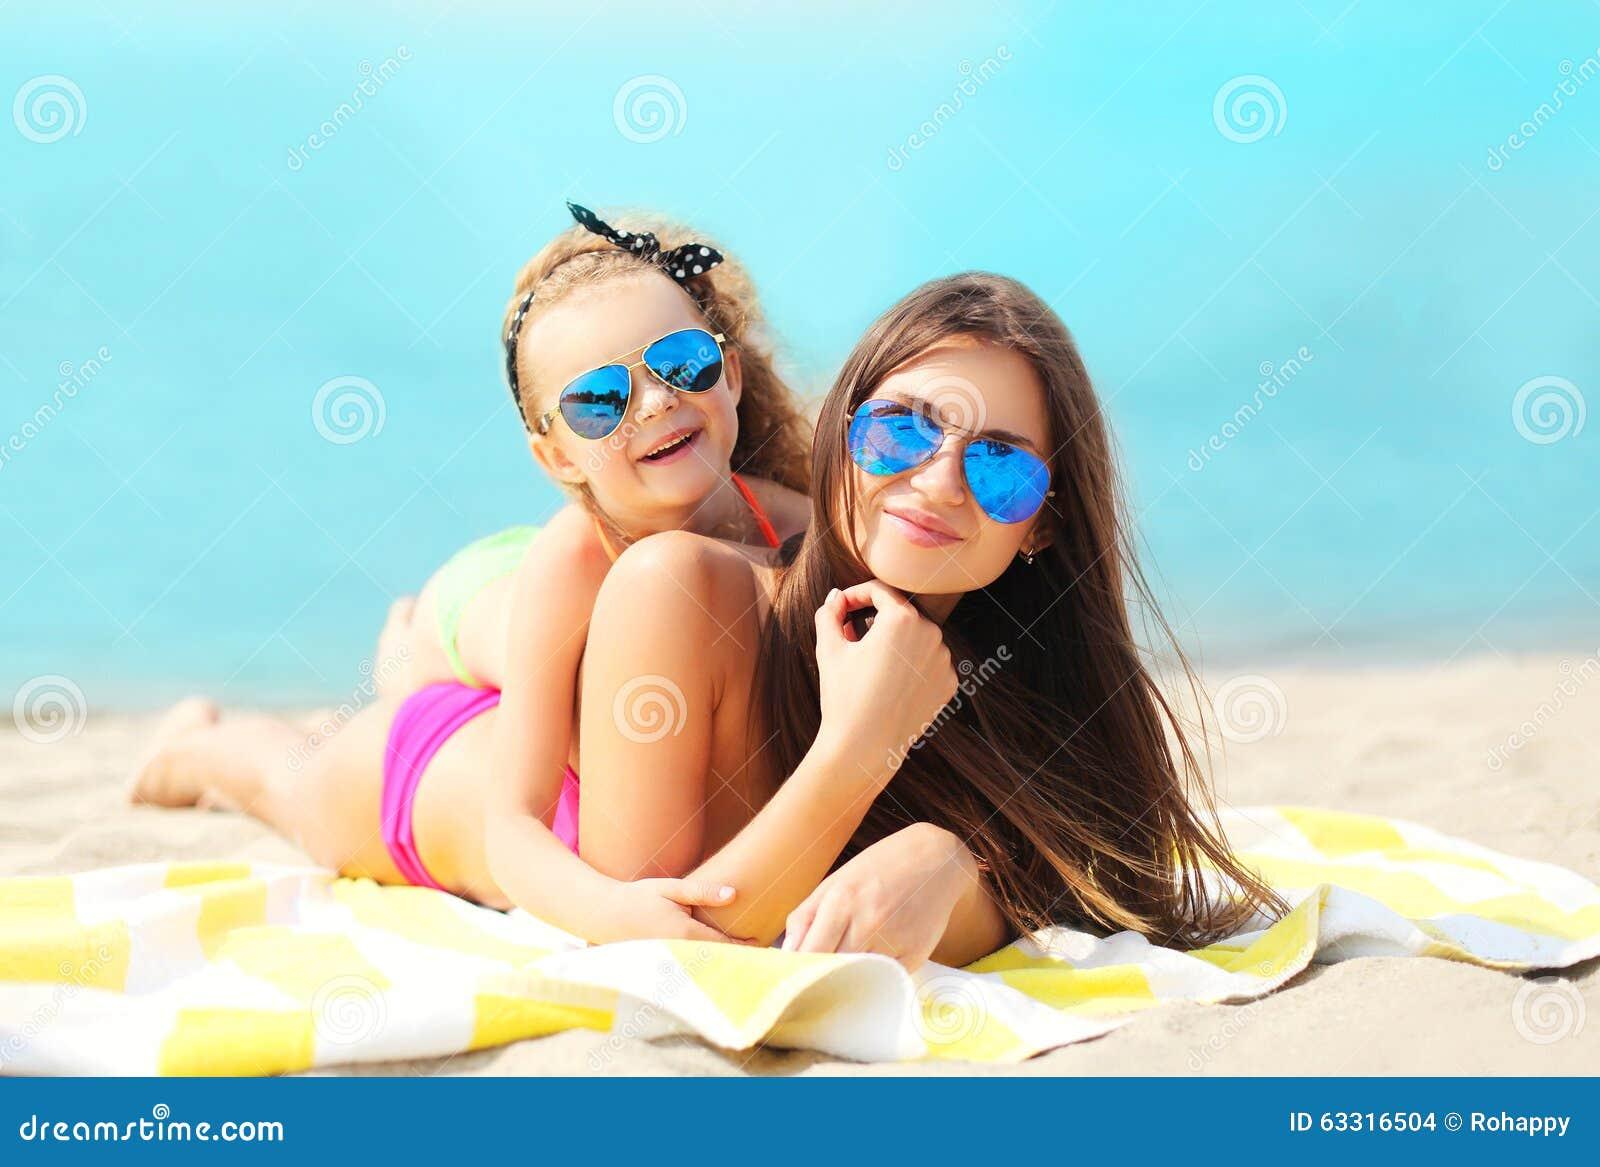 Vacances d été, relaxation, voyage - mère et repos menteur d enfant sur la plage